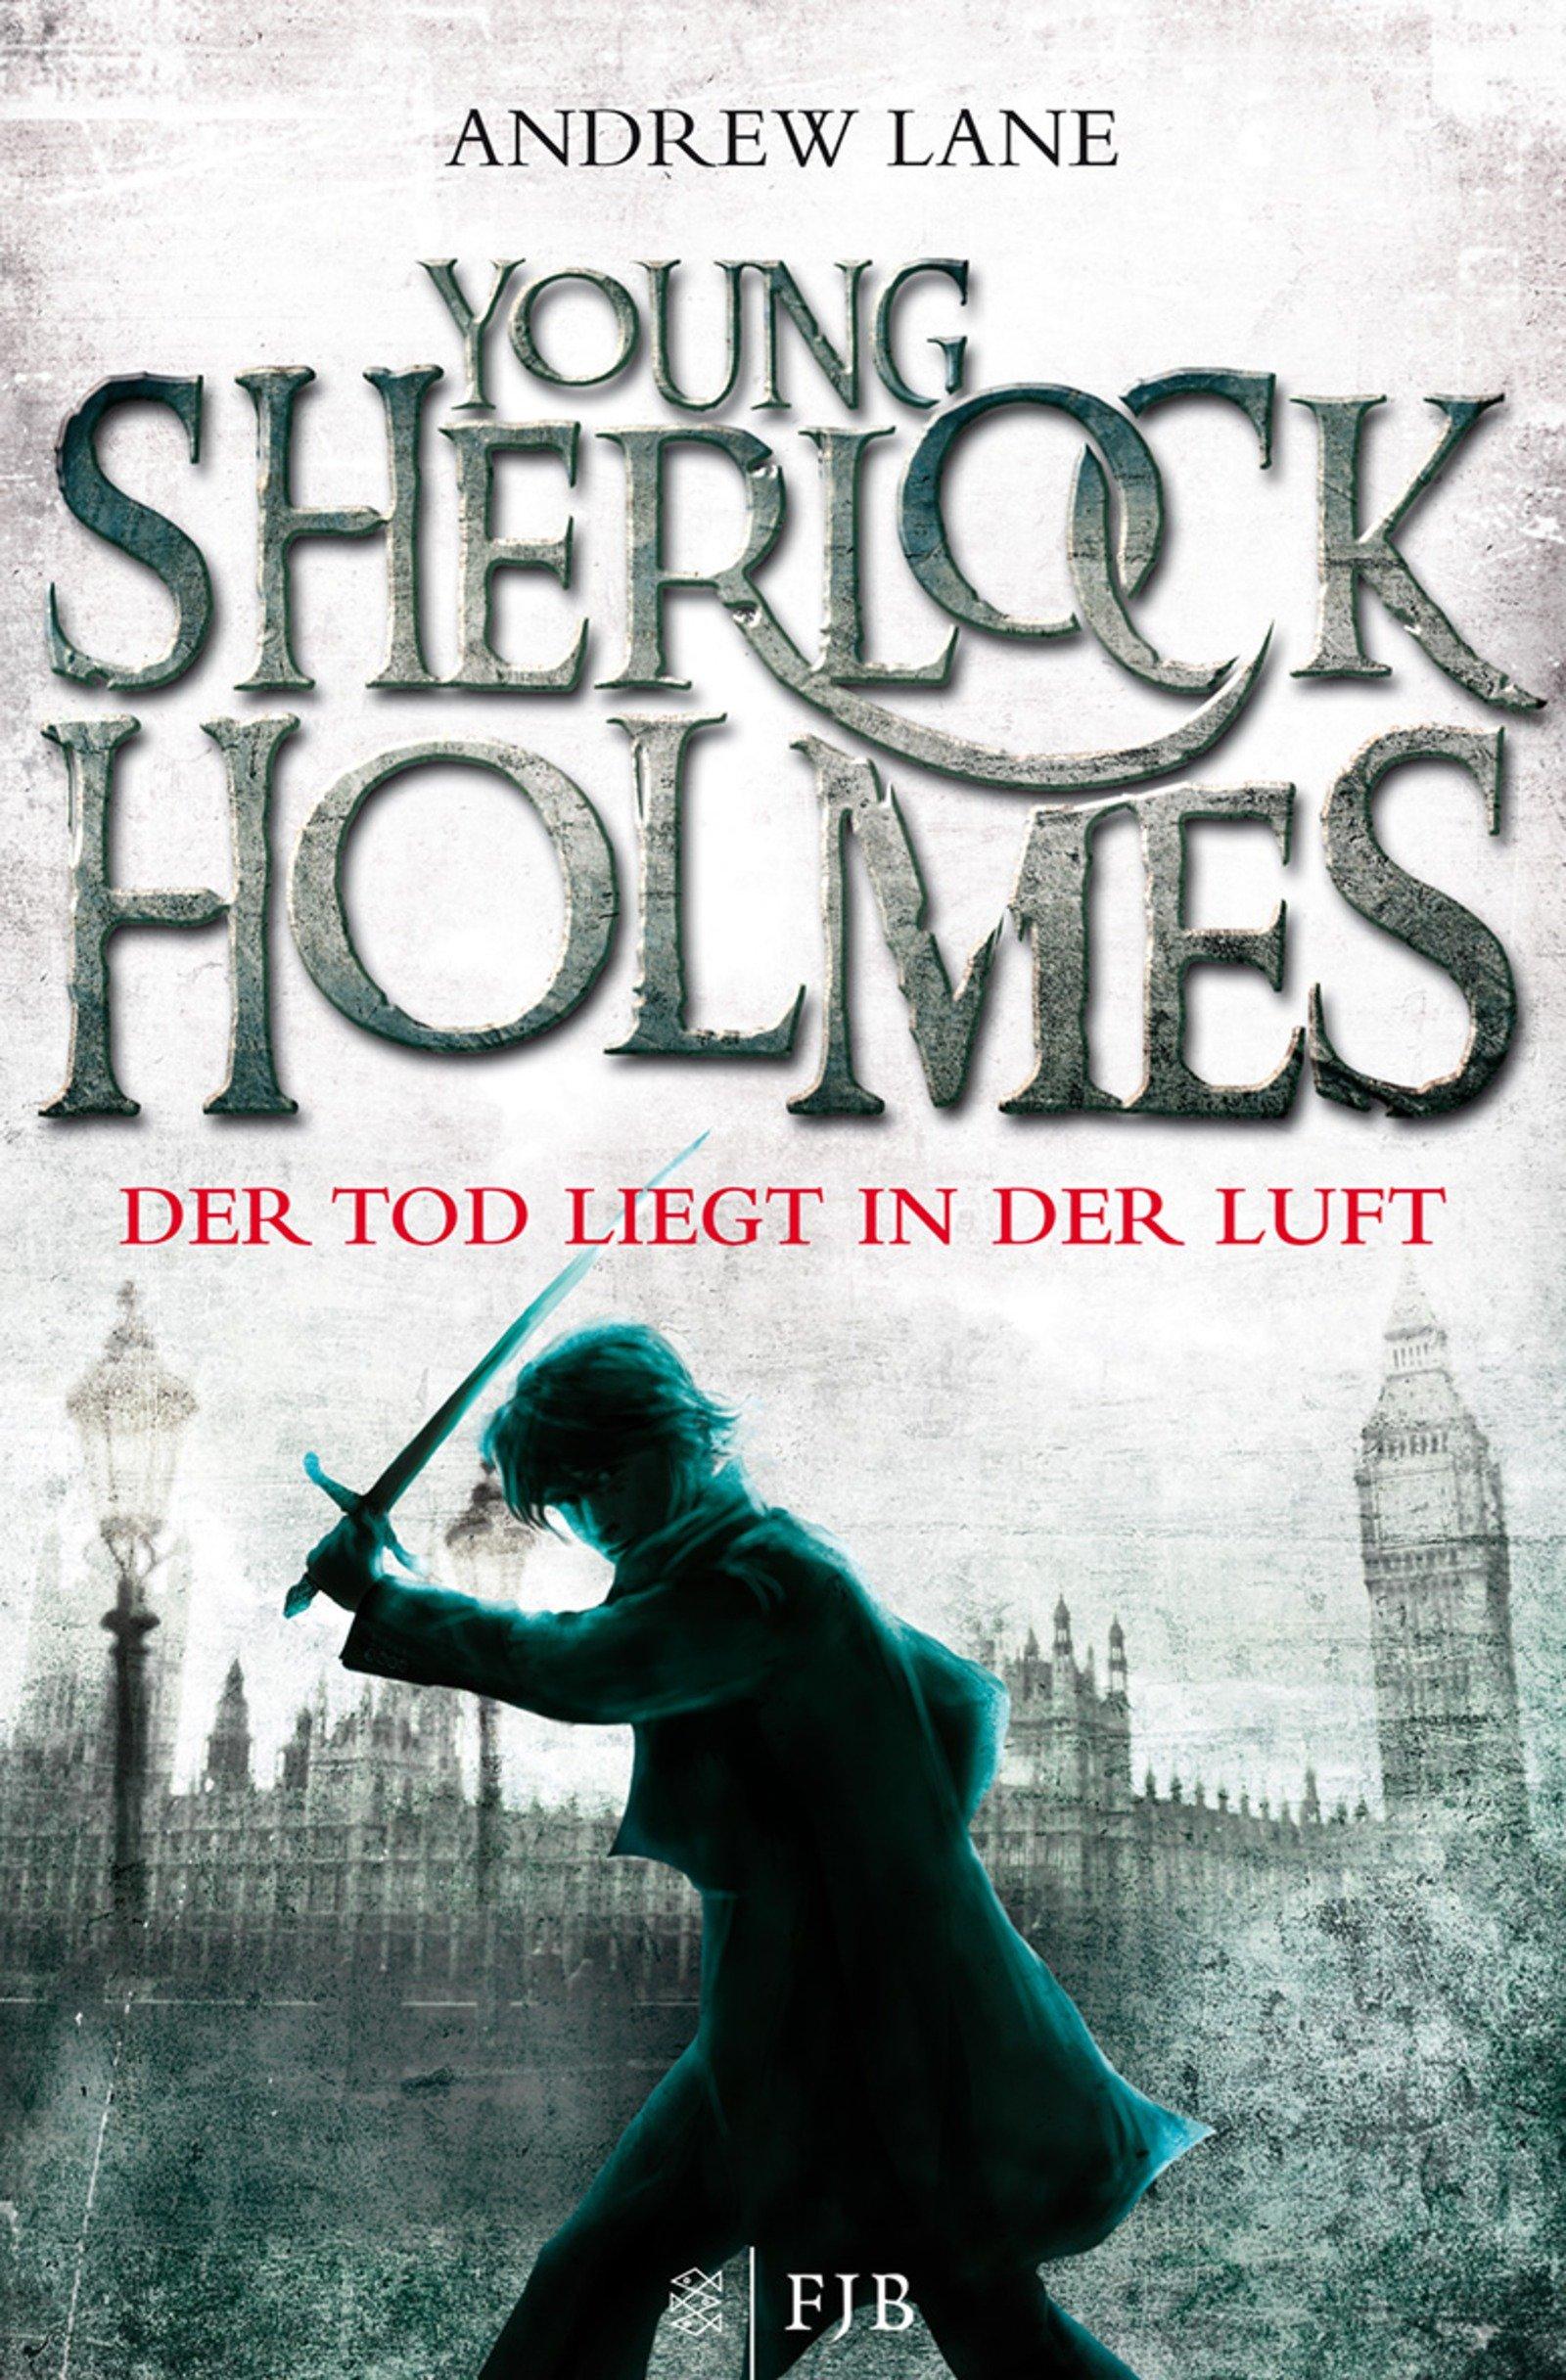 Sherlock Reihenfolge